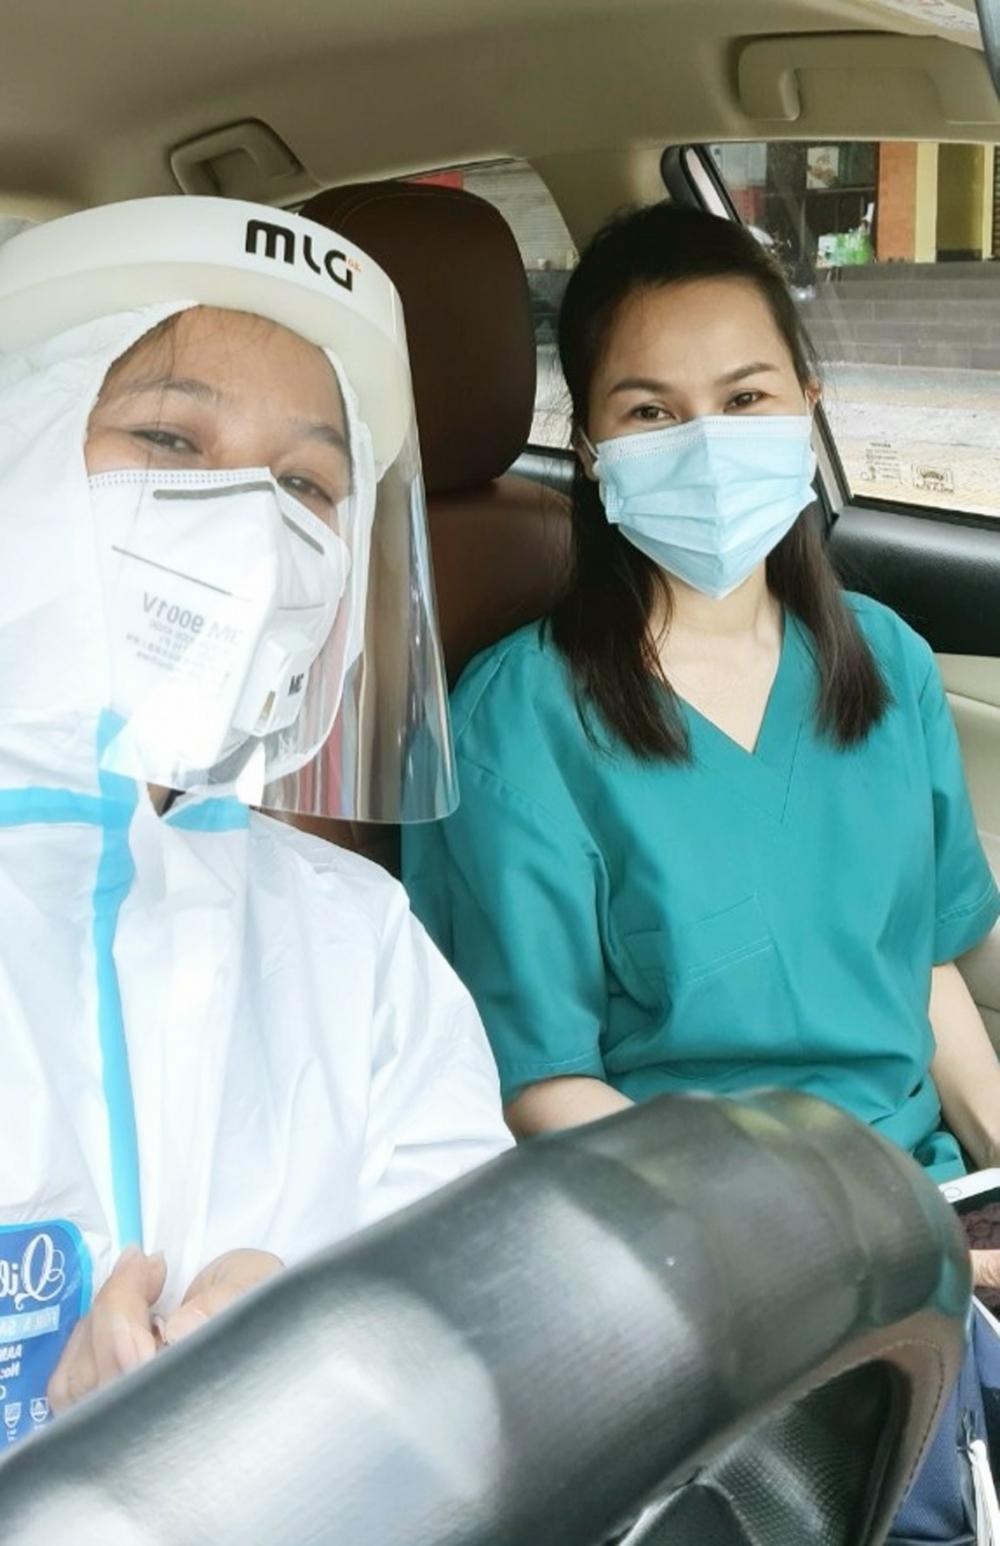 Sau chuyến xe này, chị Nguyễn Thị Mộng Thắm (bên trái) trở lại công việc kinh doanh quán cà phê